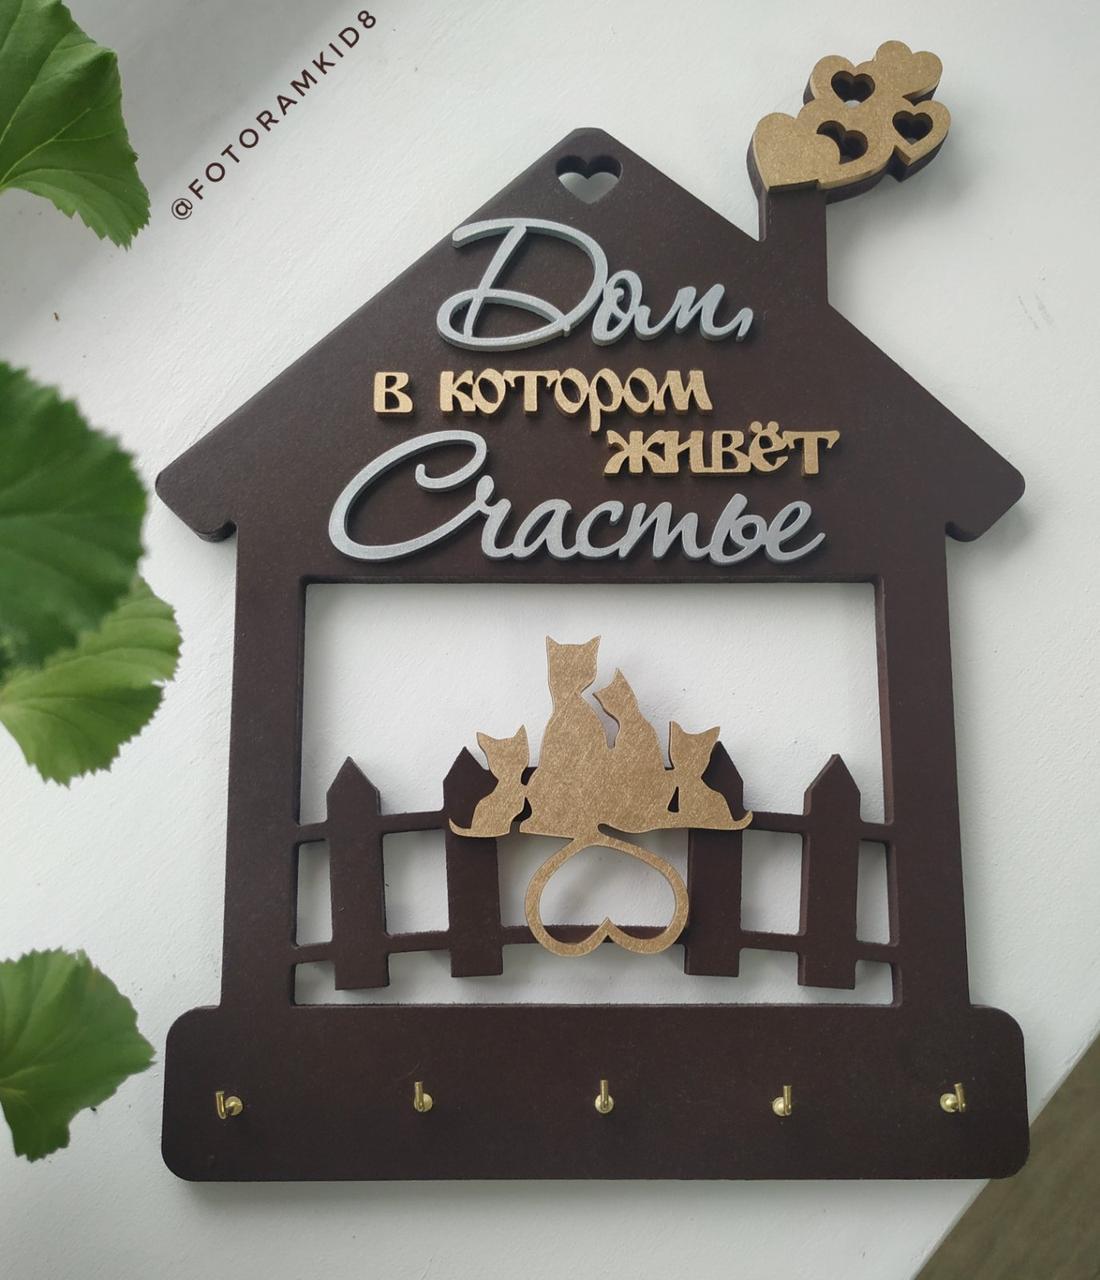 Ключница настенная, деревянная  Дом в котором живет счастье